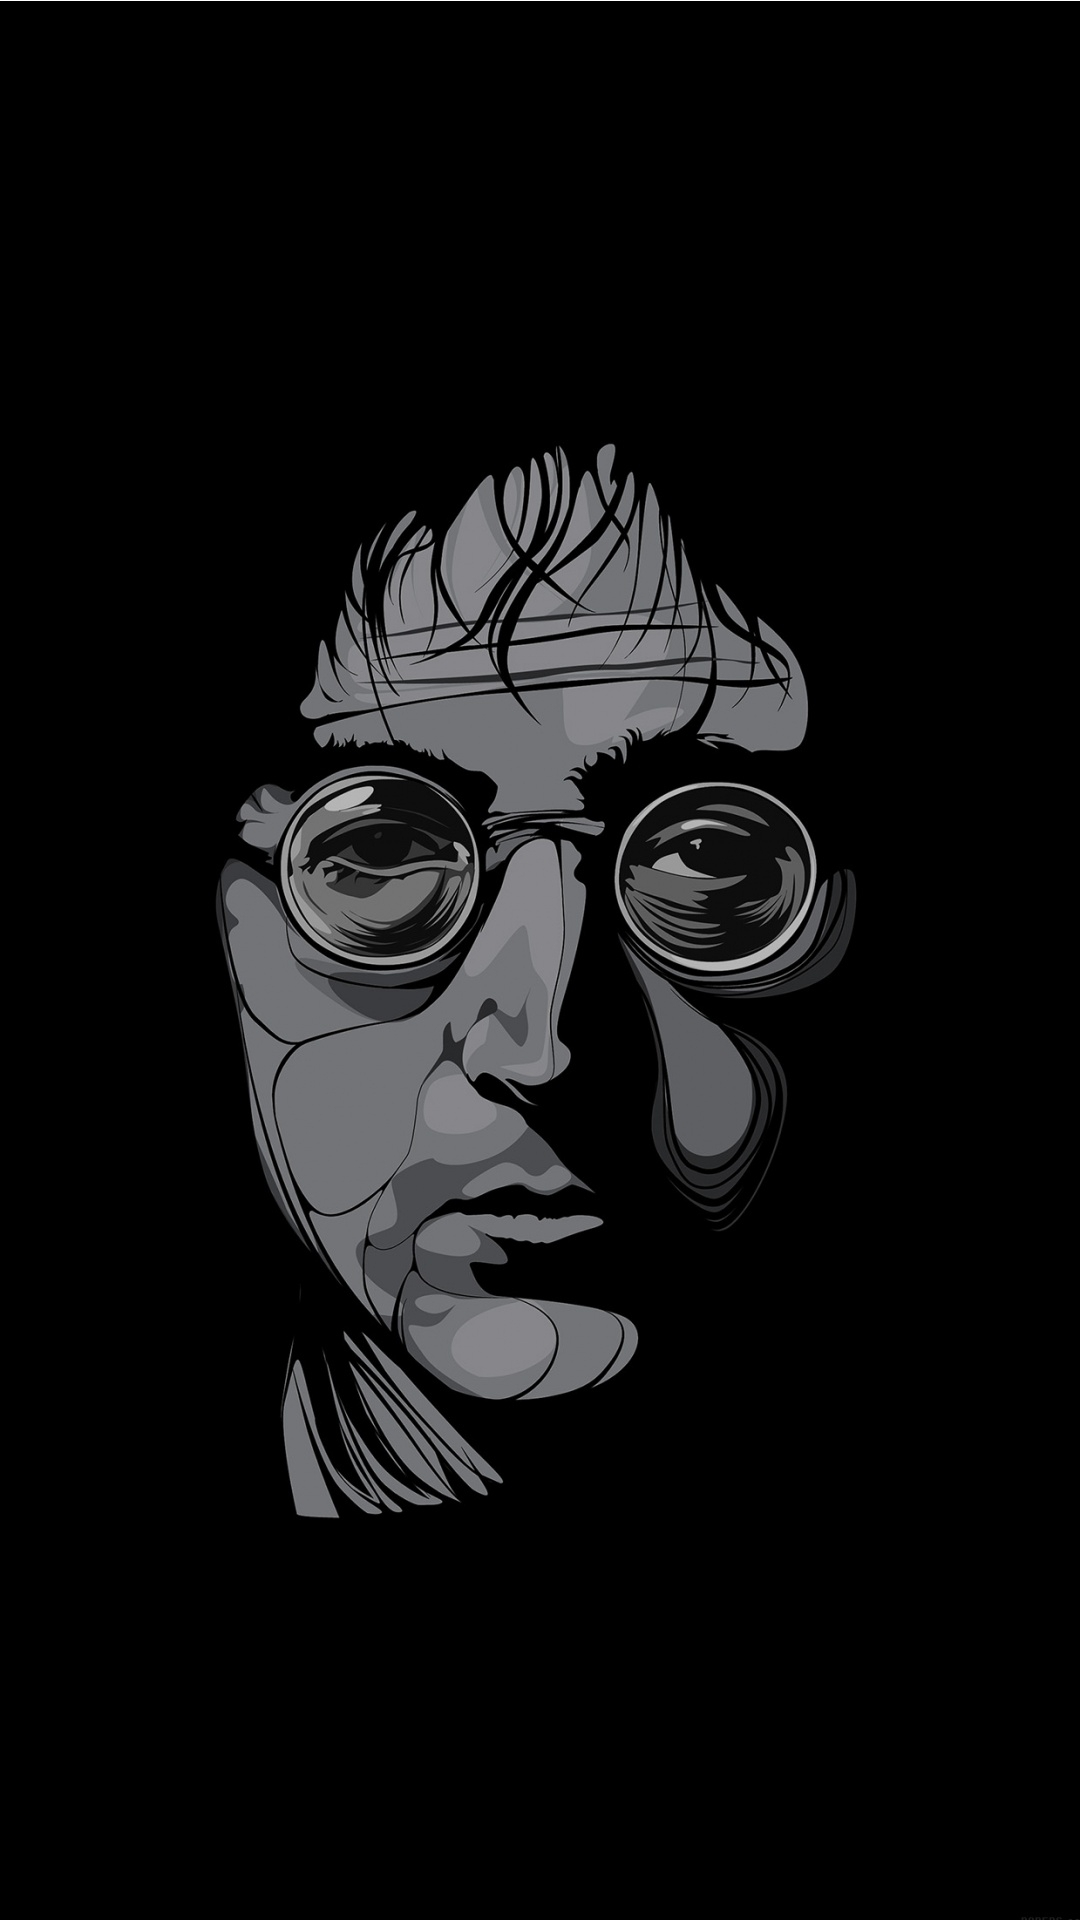 john lennon. male celebrity black and white wallpaper for iphone